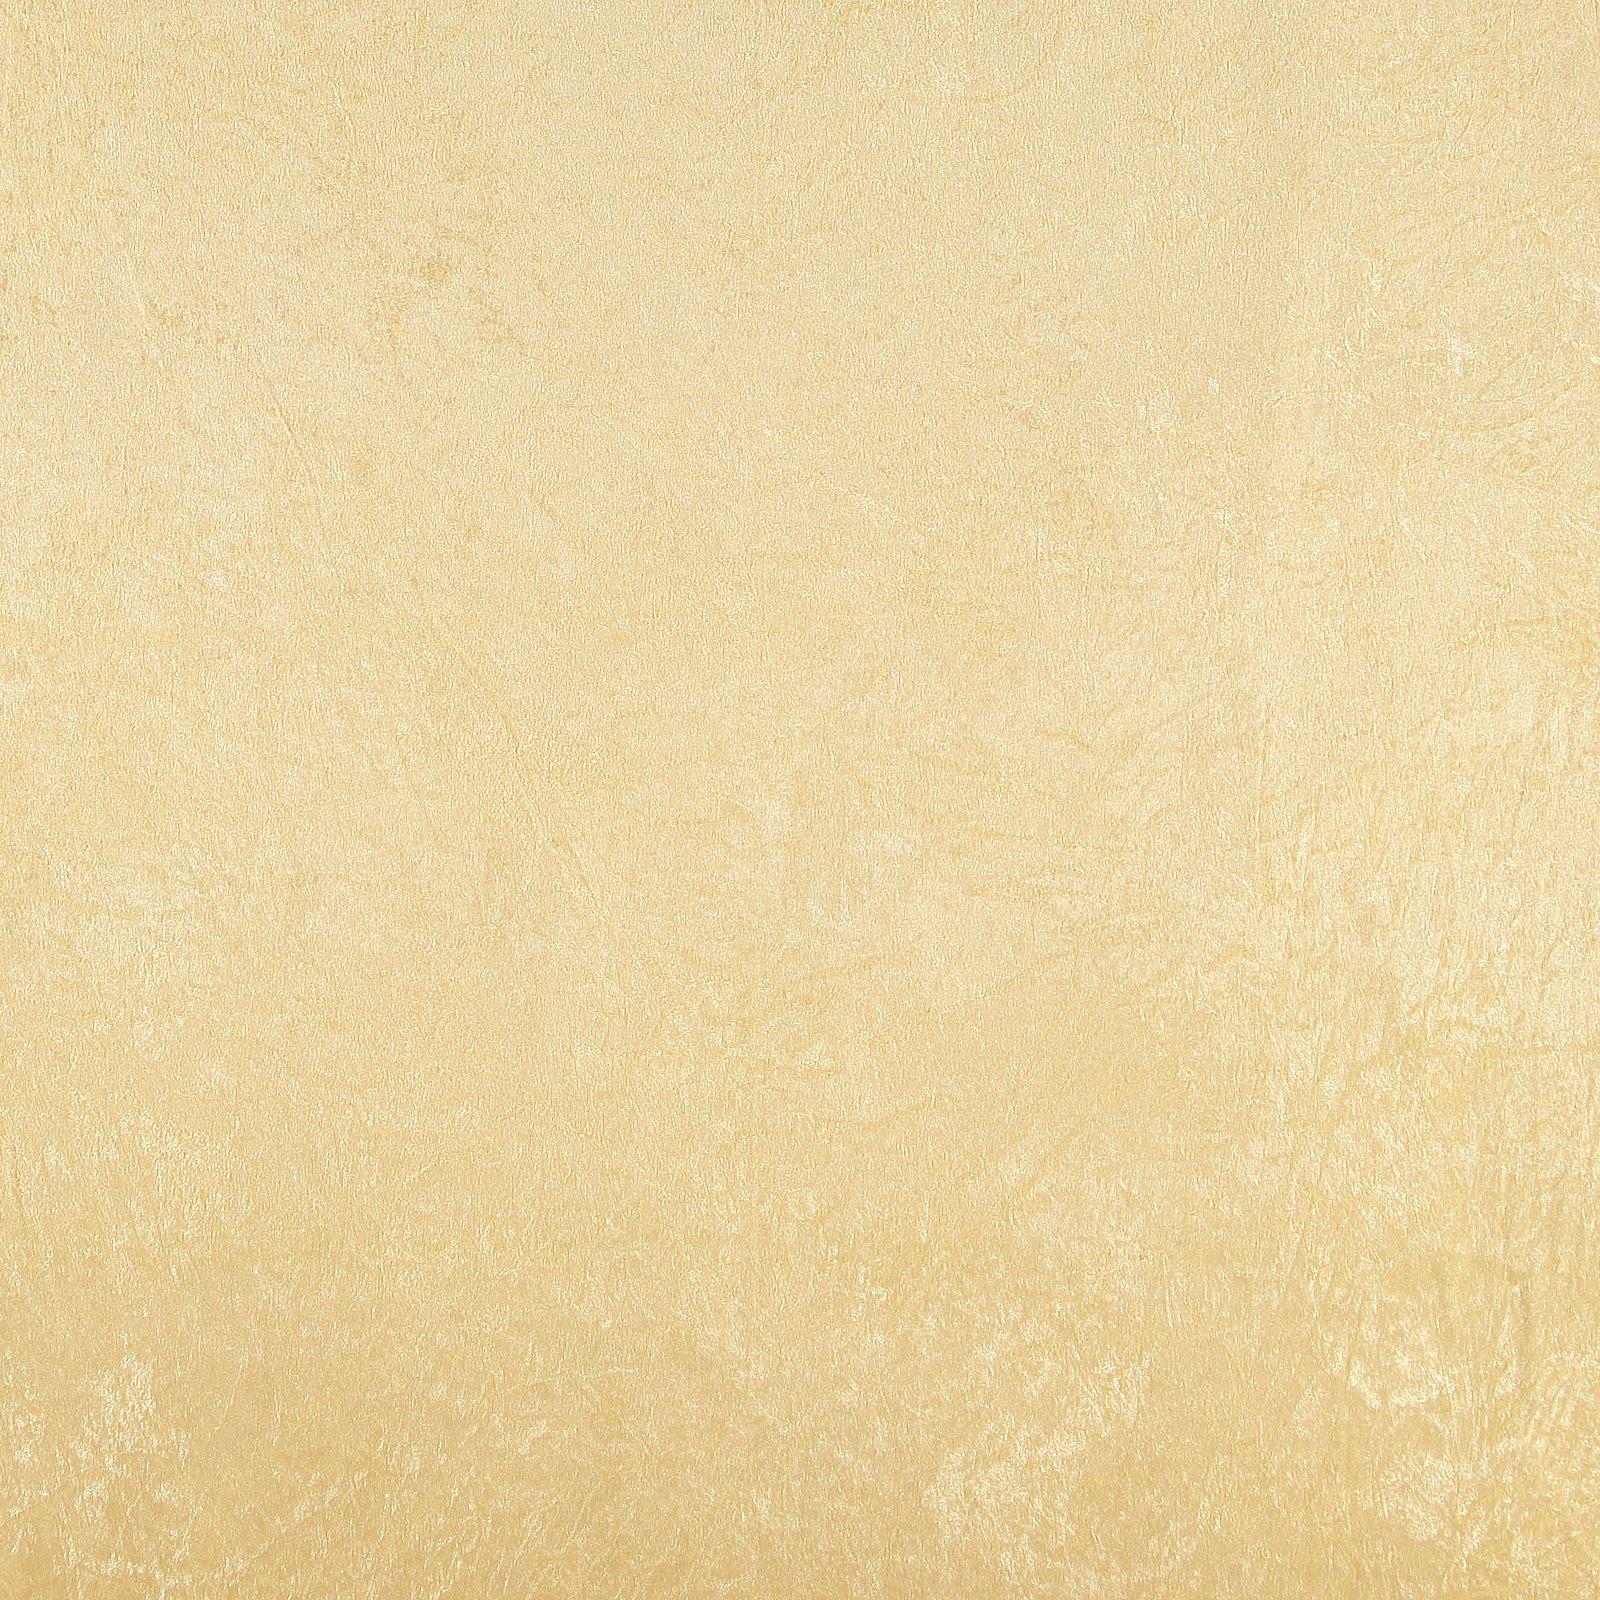 Crushed velvet light yellow 250717_pack_solid